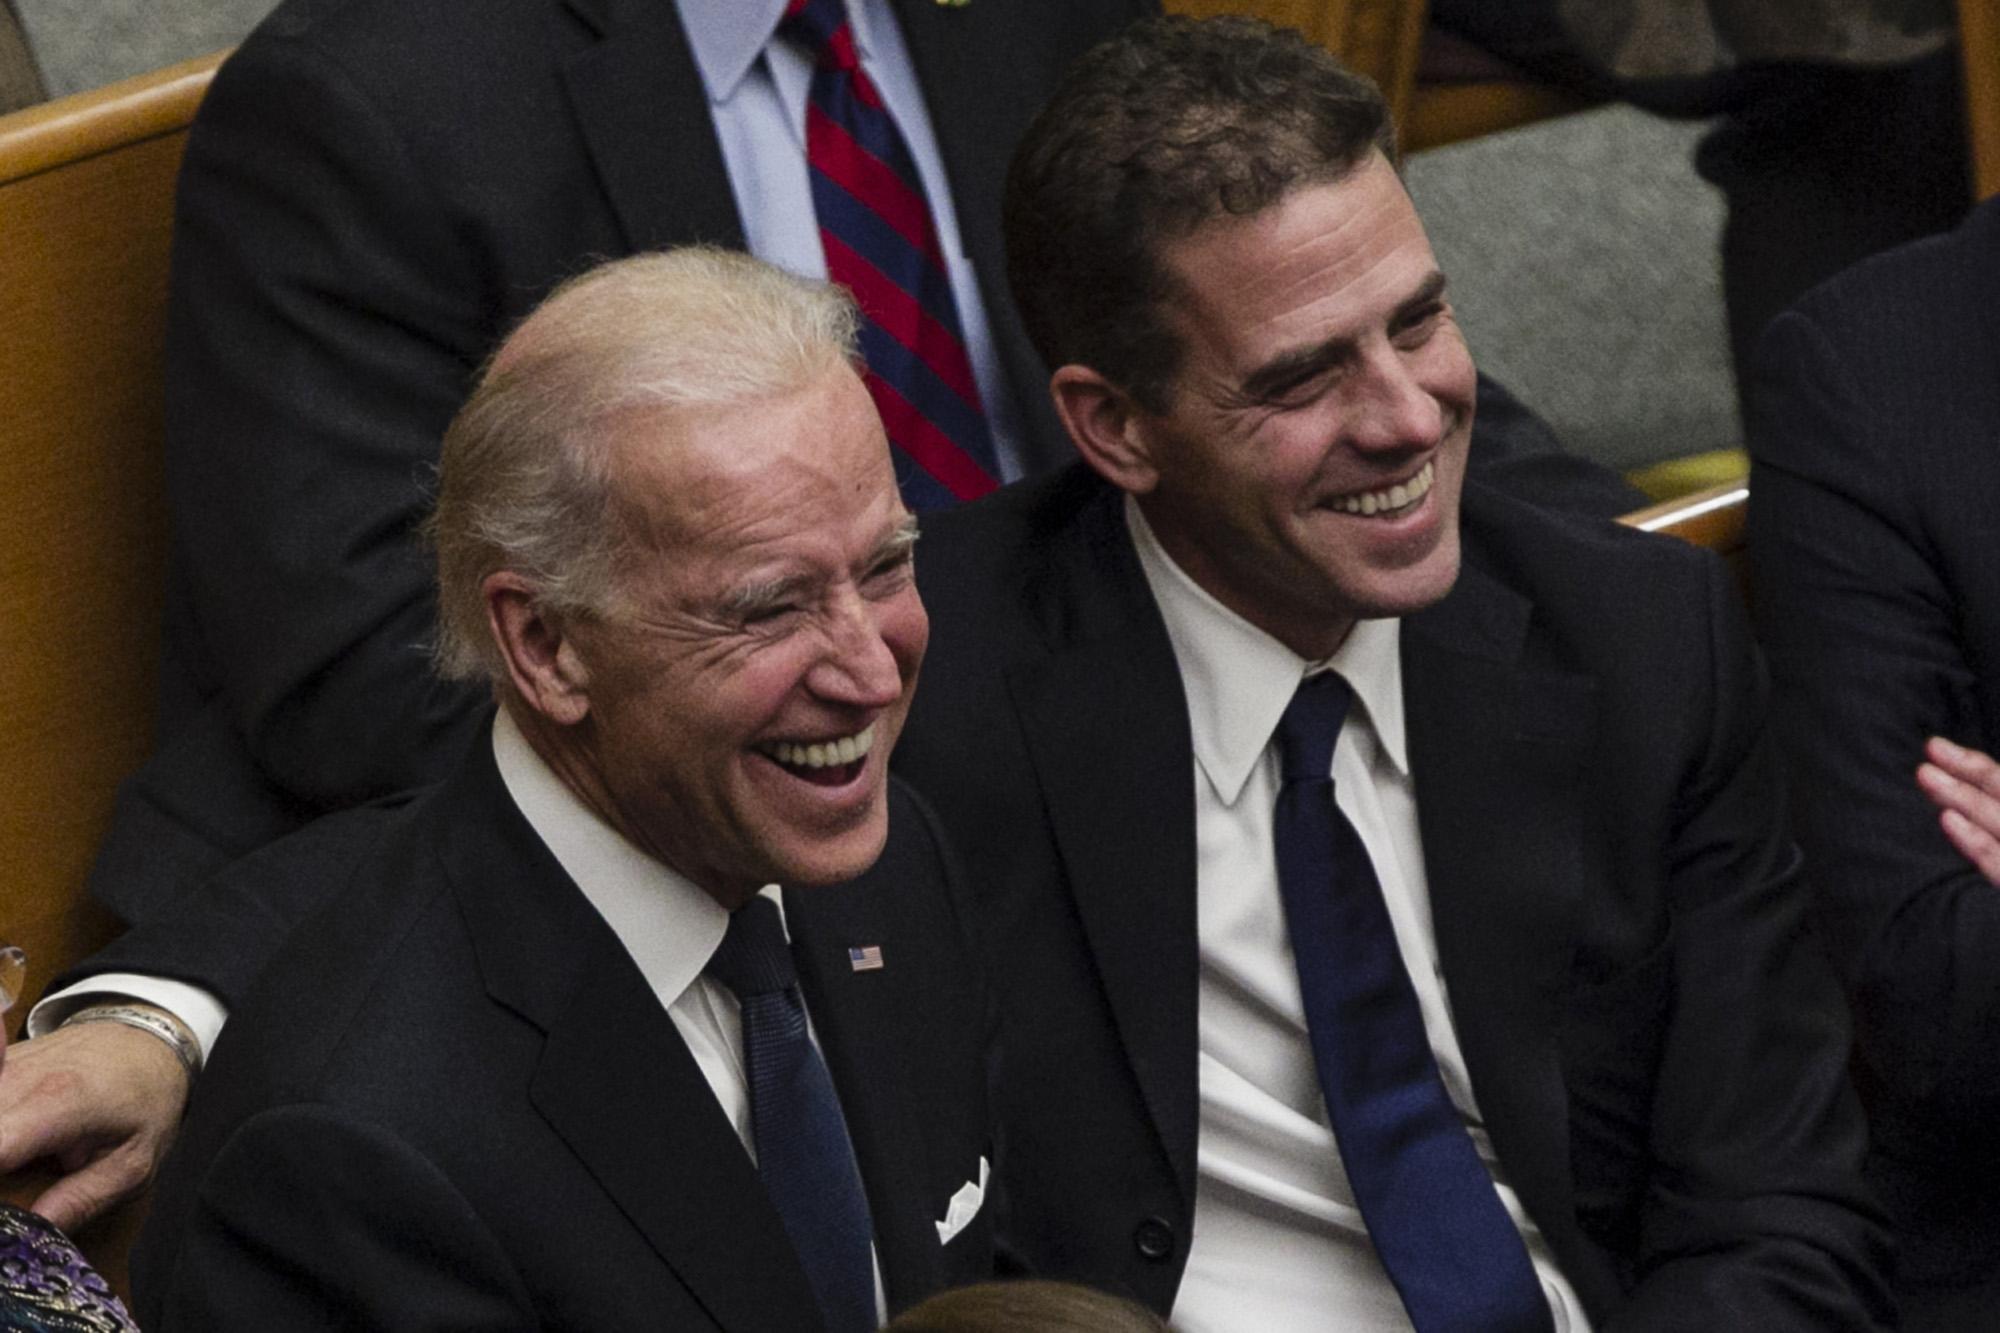 Hunter Biden venture eyed Cuomo, Schumer for deals: documents